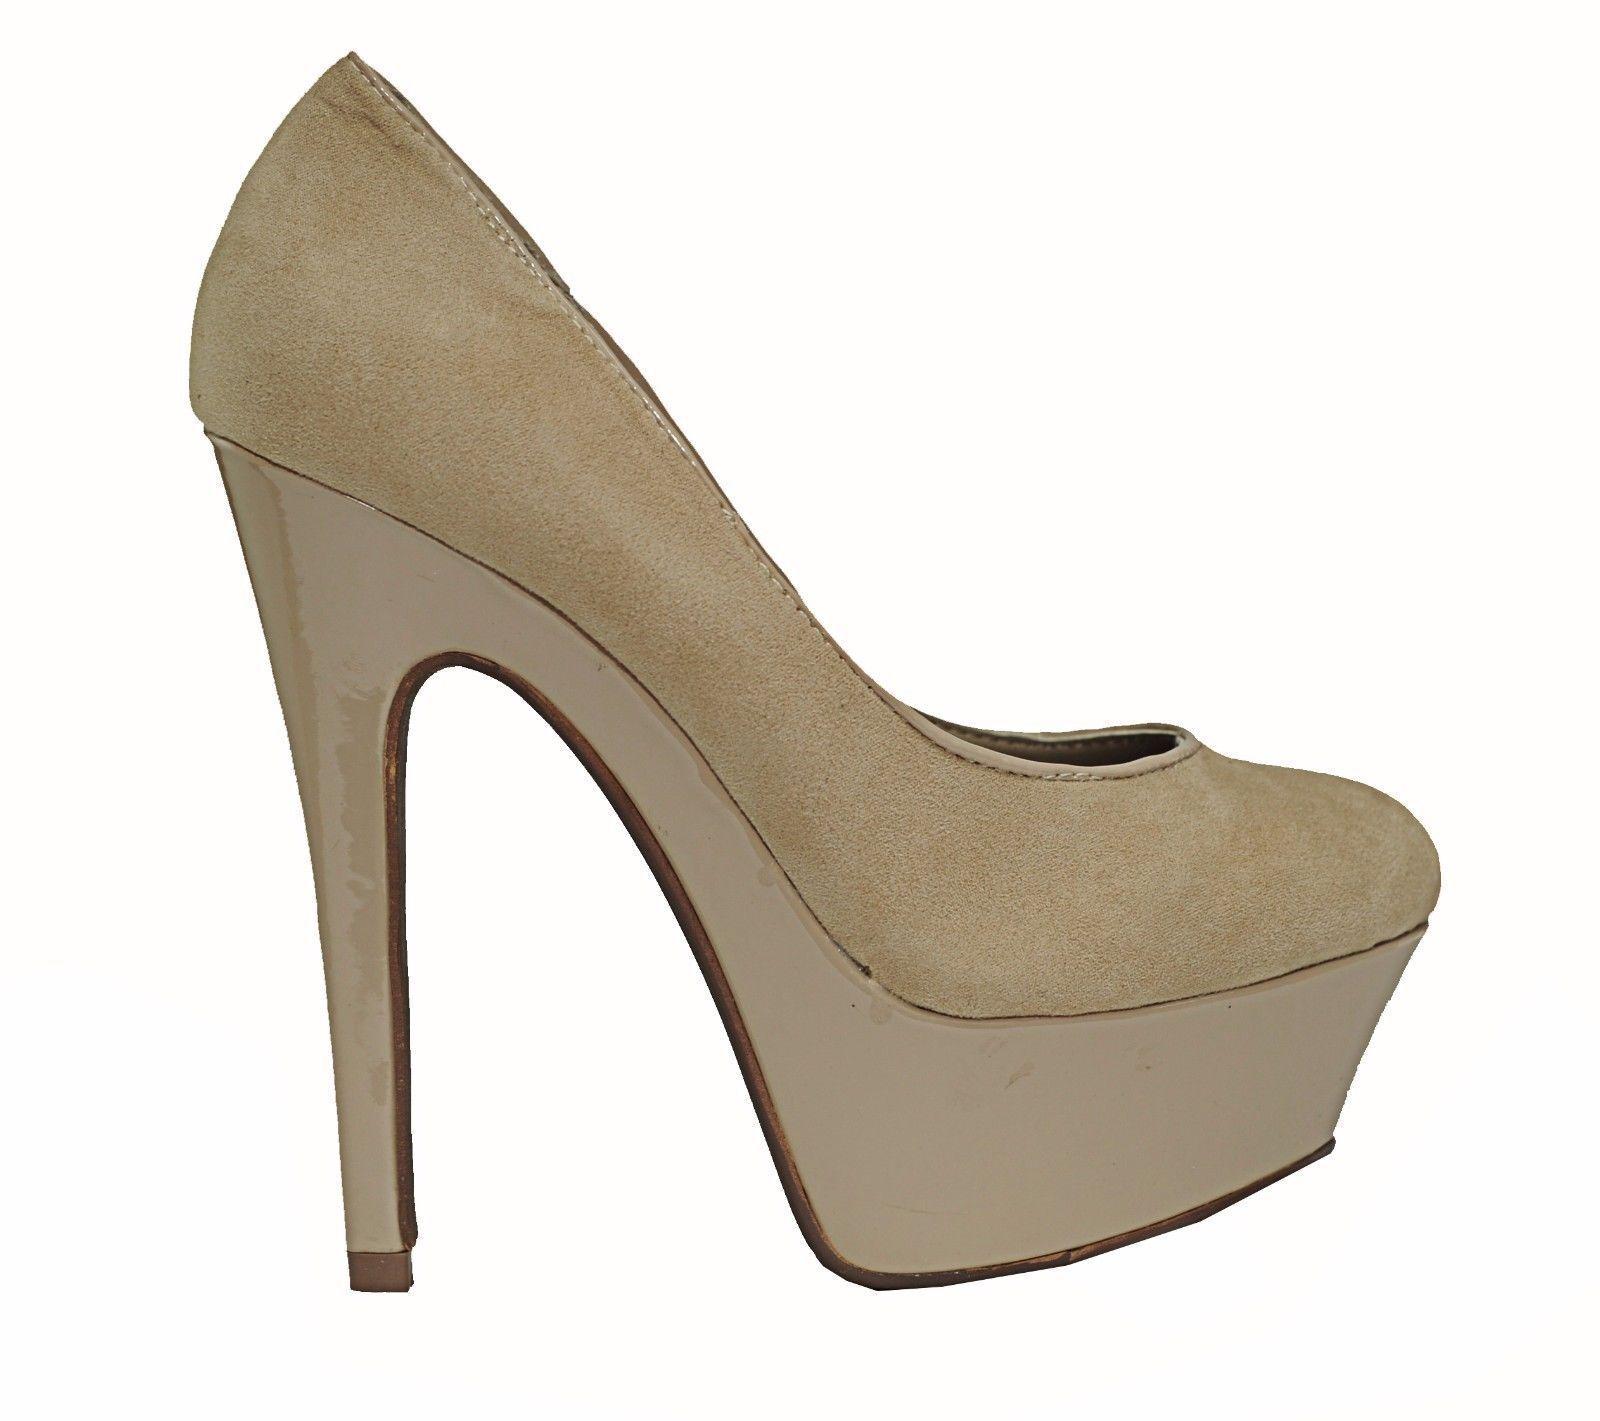 Scarpe col tacco da donna | Acquisti Online su eBay